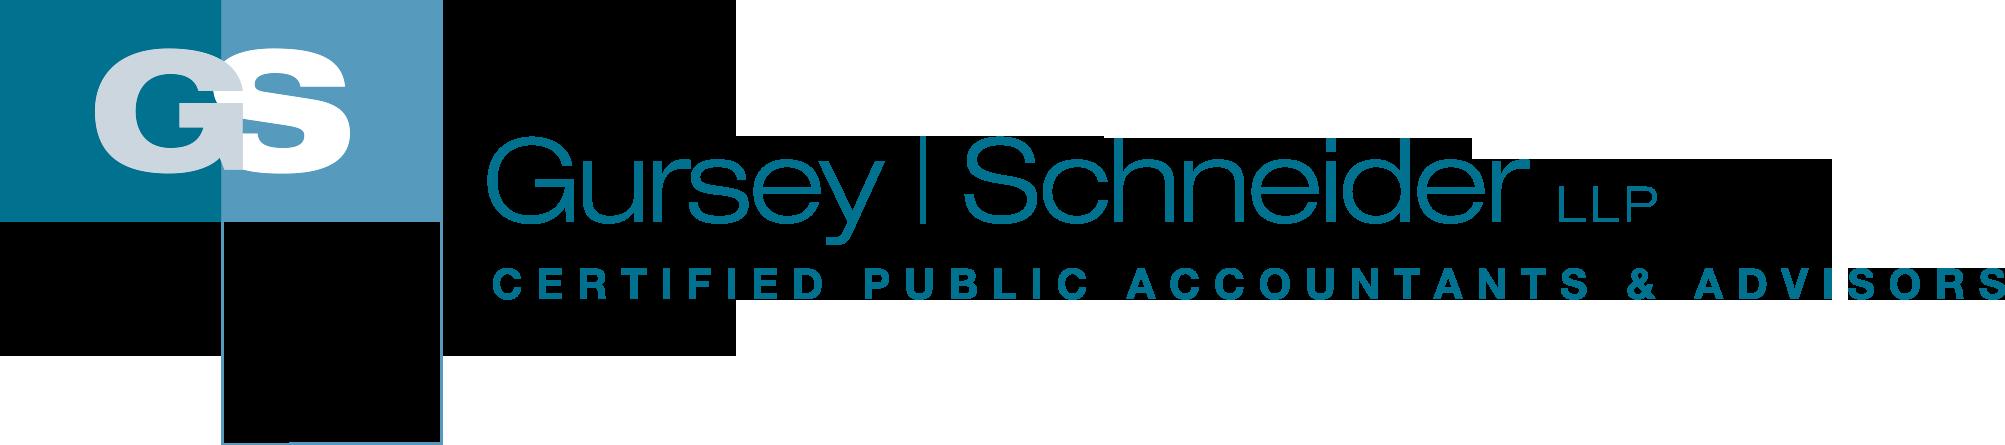 Gursey | Schneider LLP